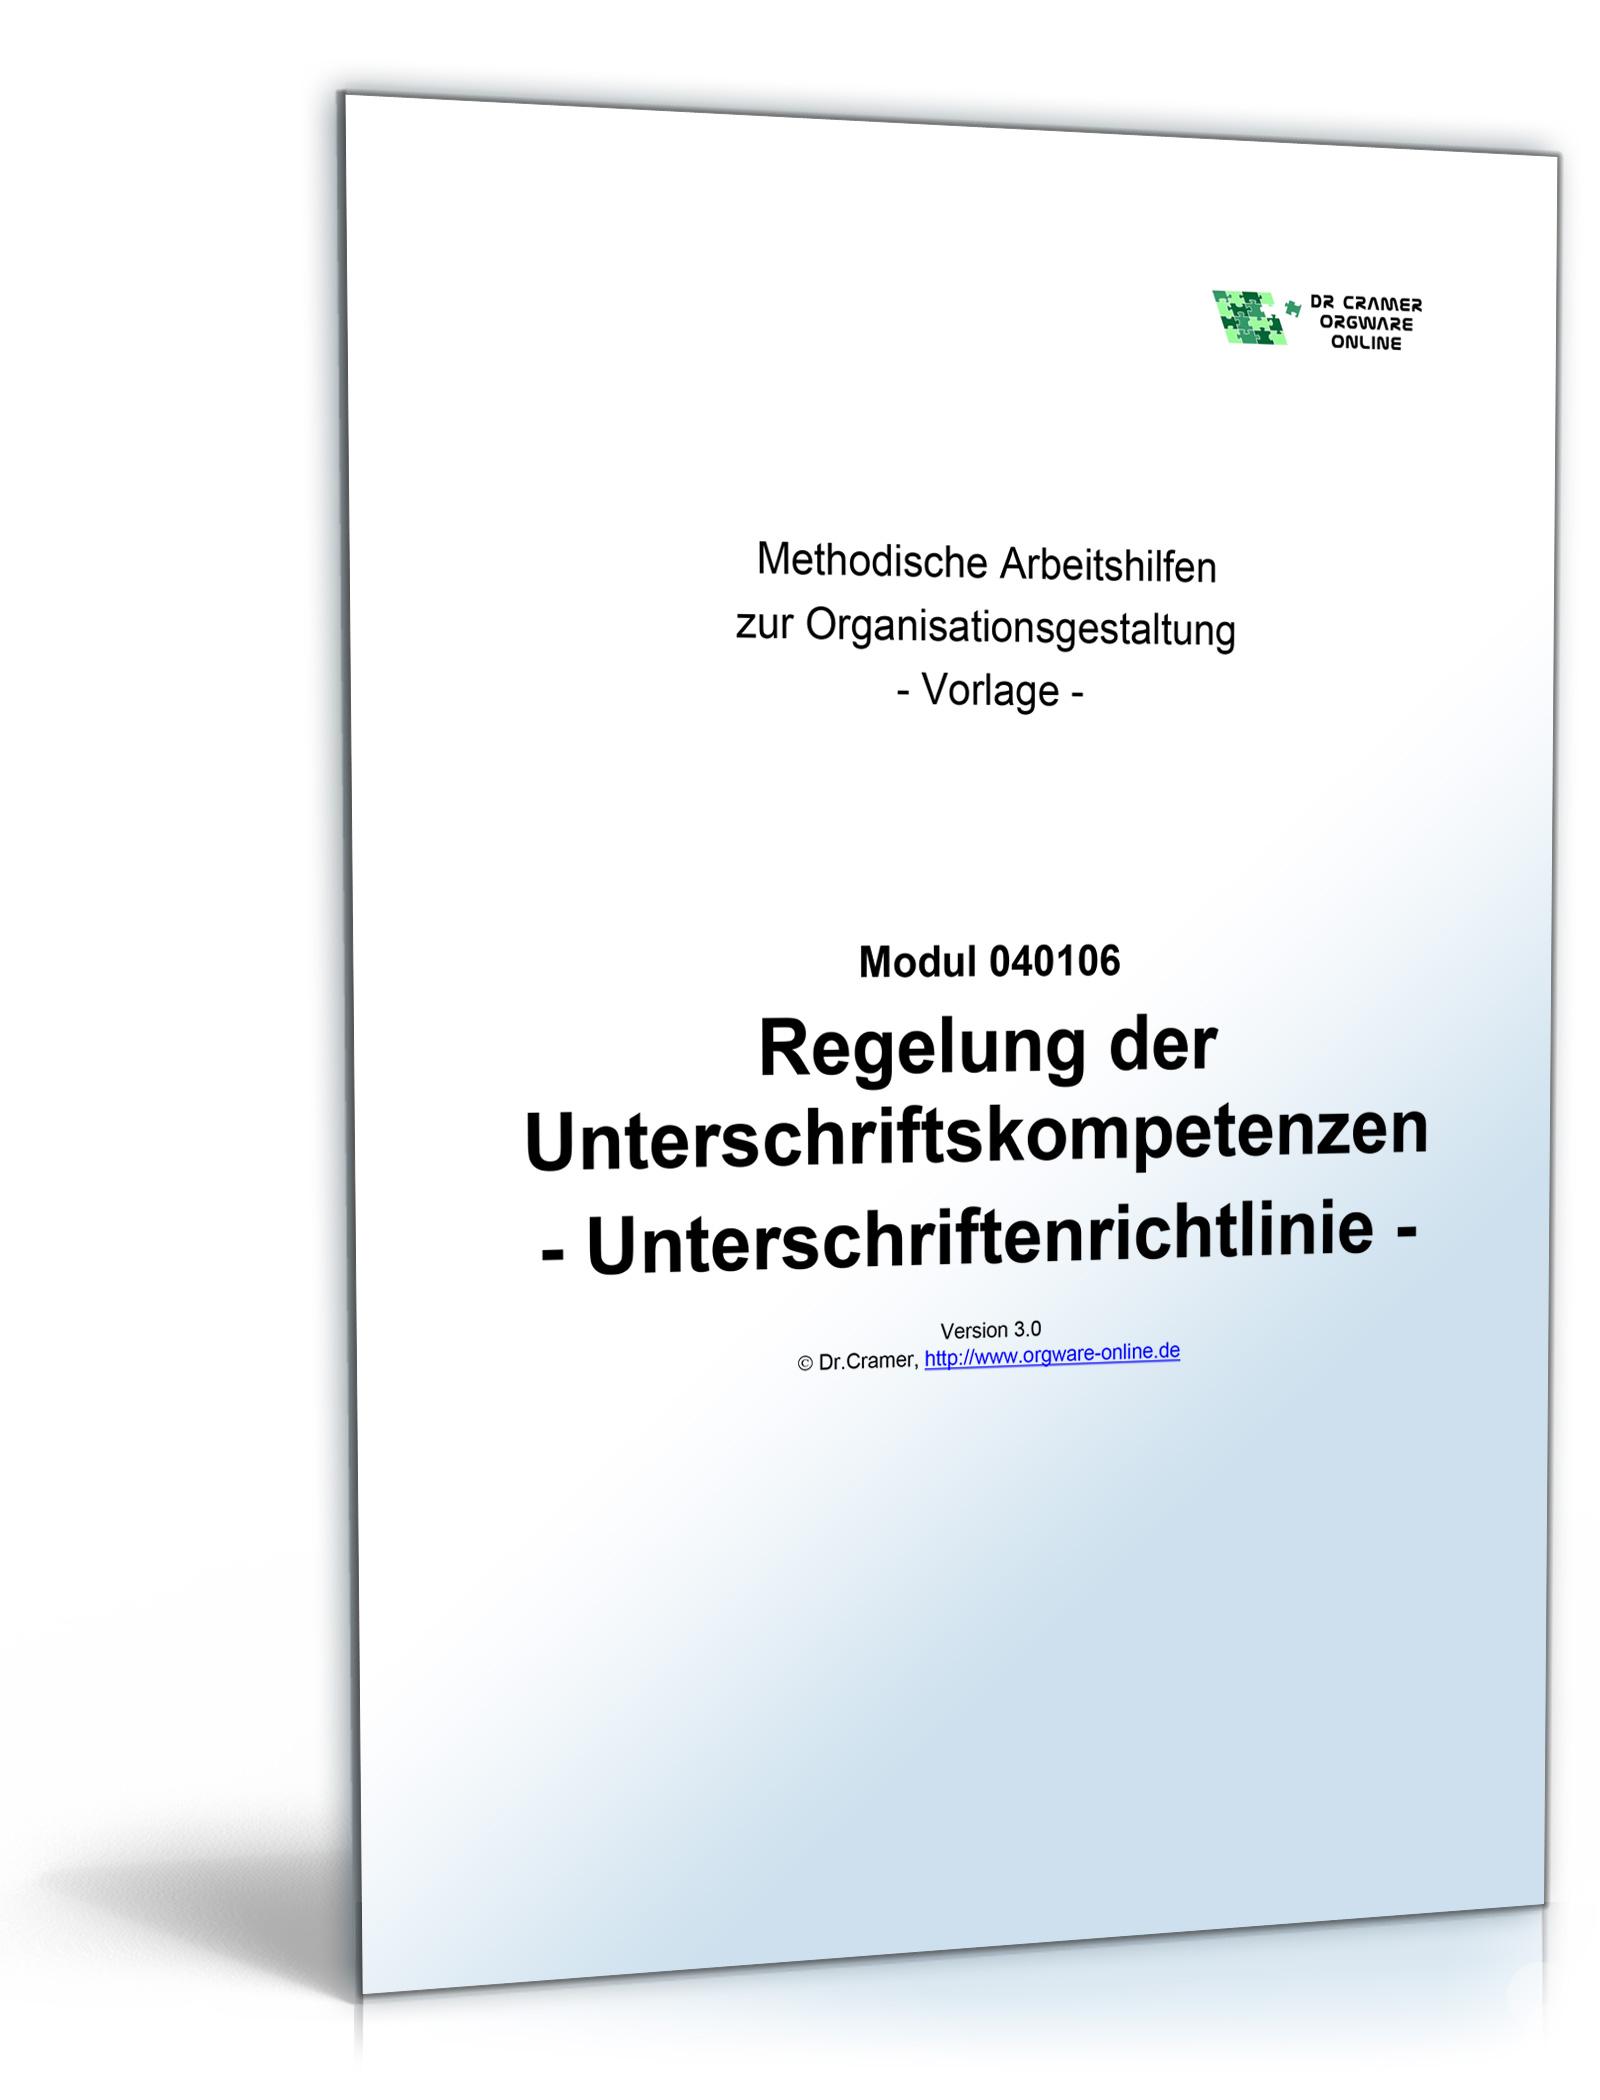 Download Archiv Musterbriefe Dokumente Vorlagen